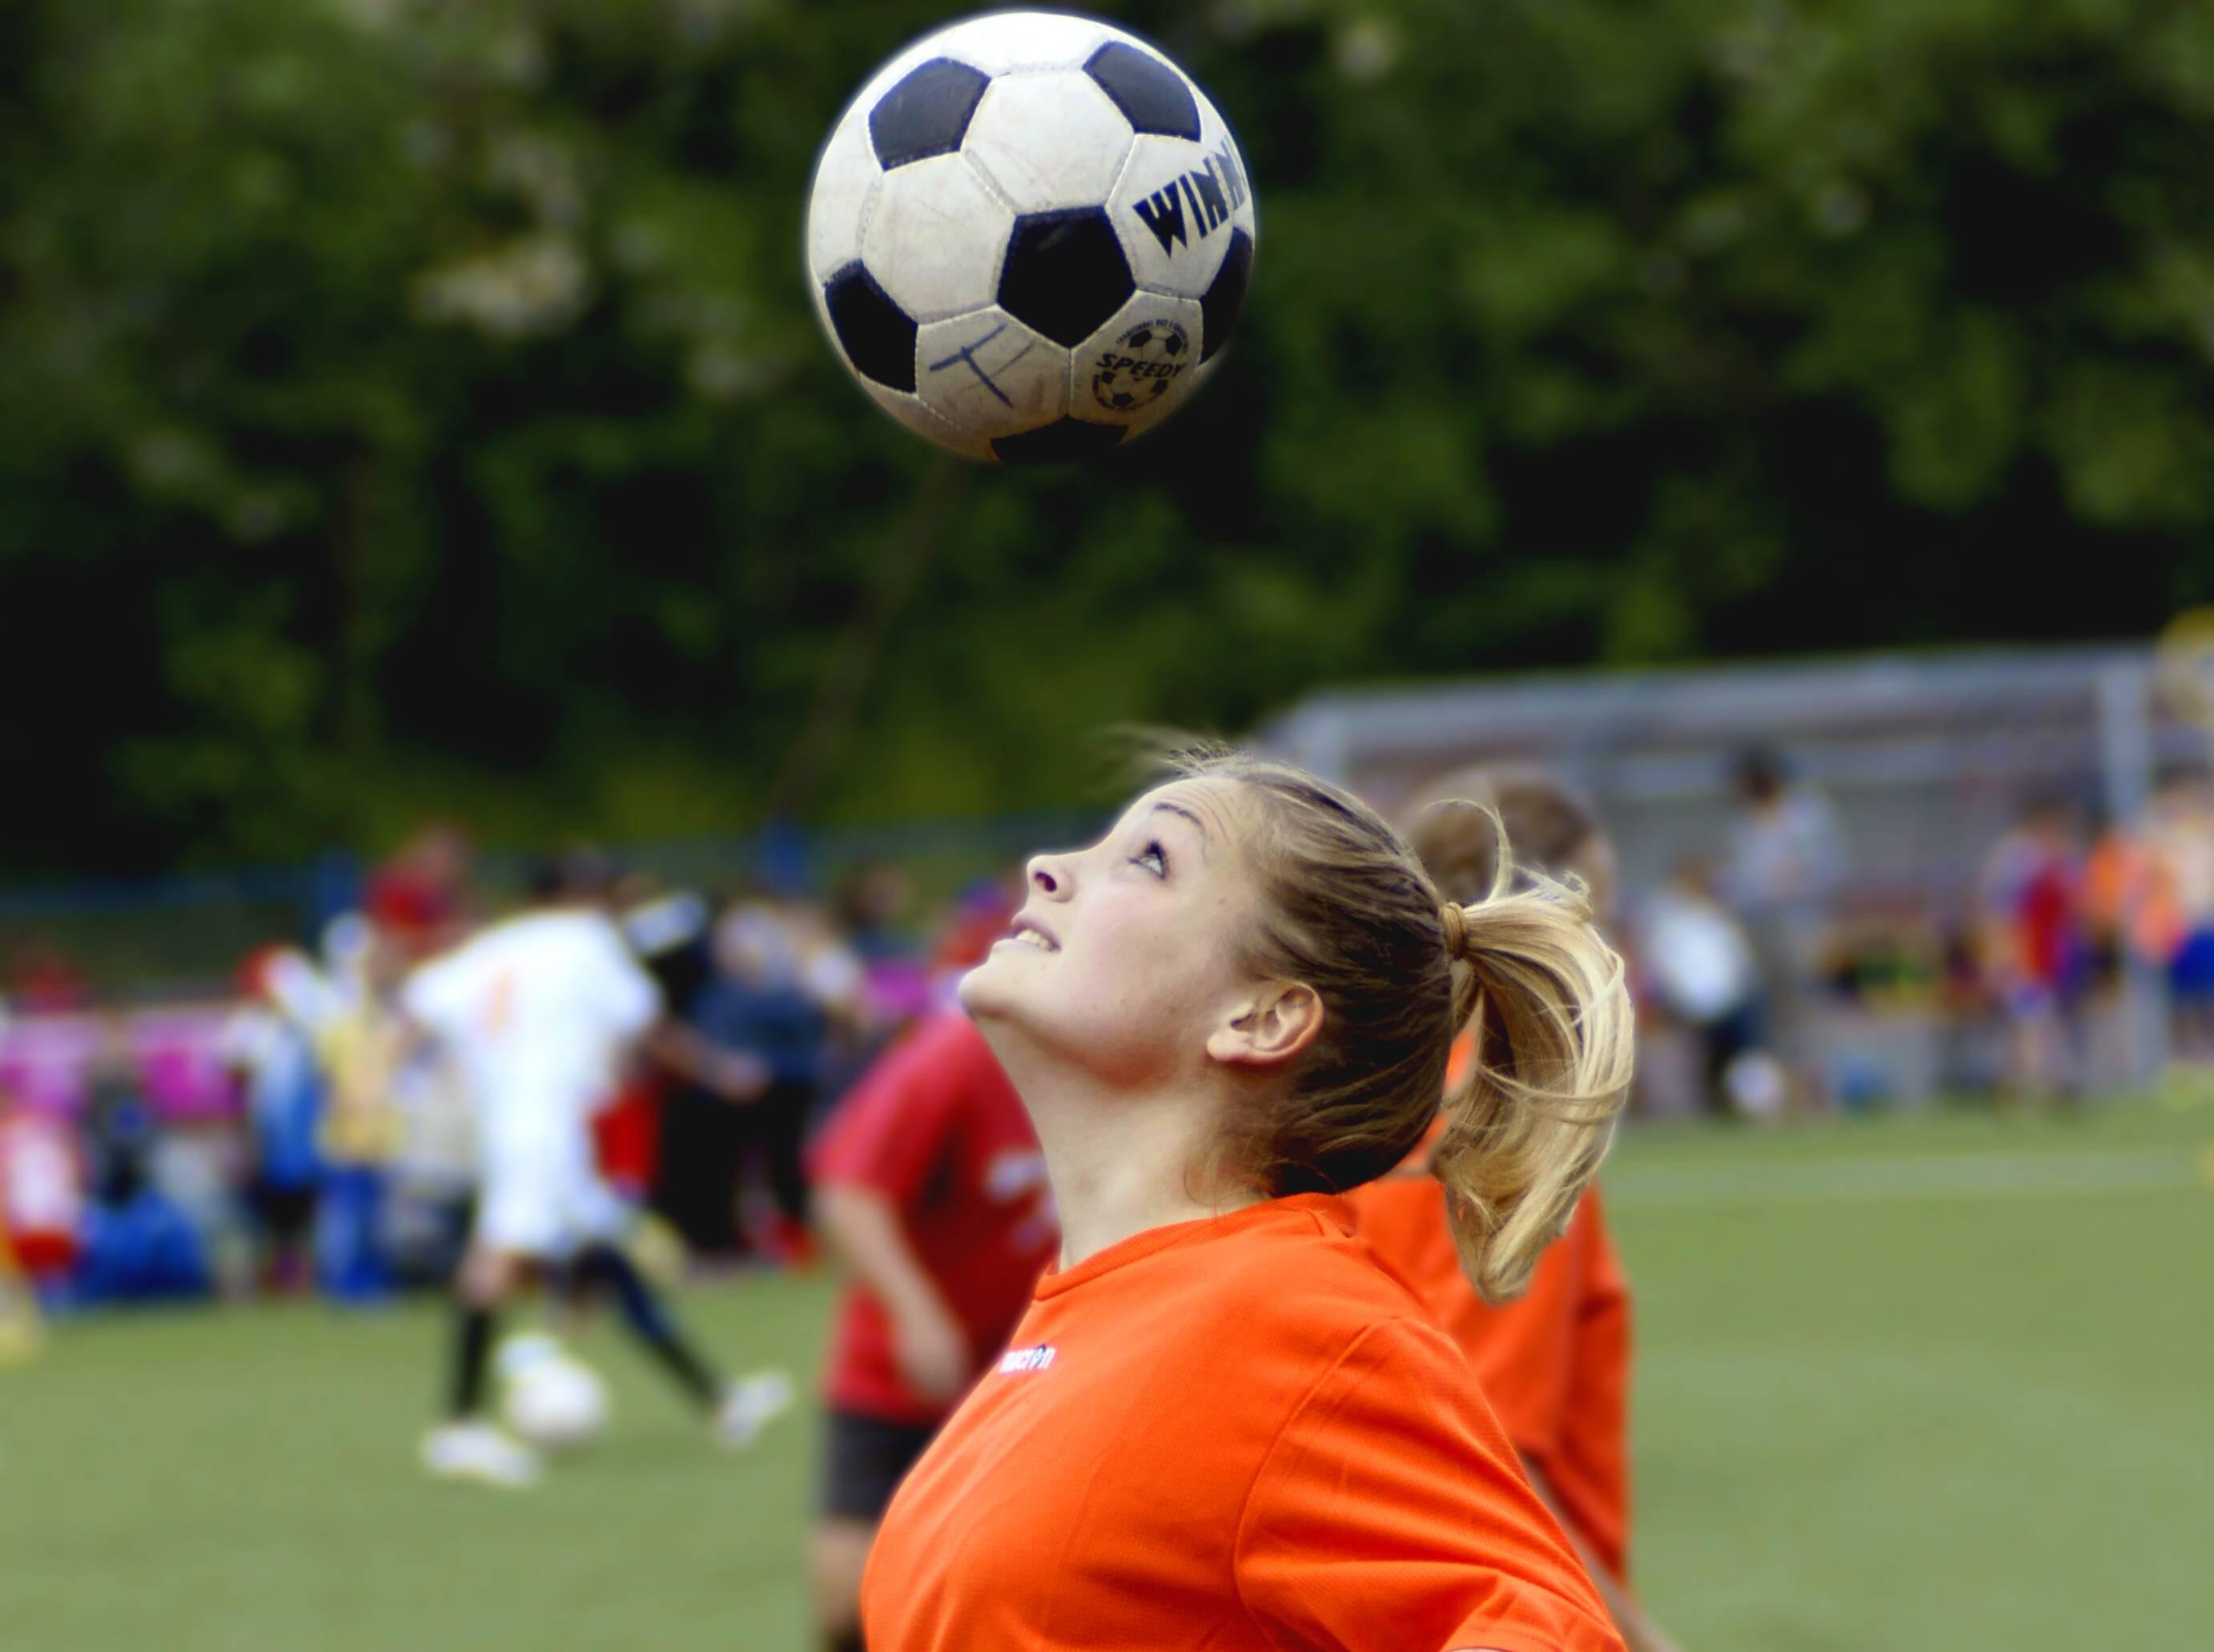 Ведение мяча в футболе: способы и техника выполнения